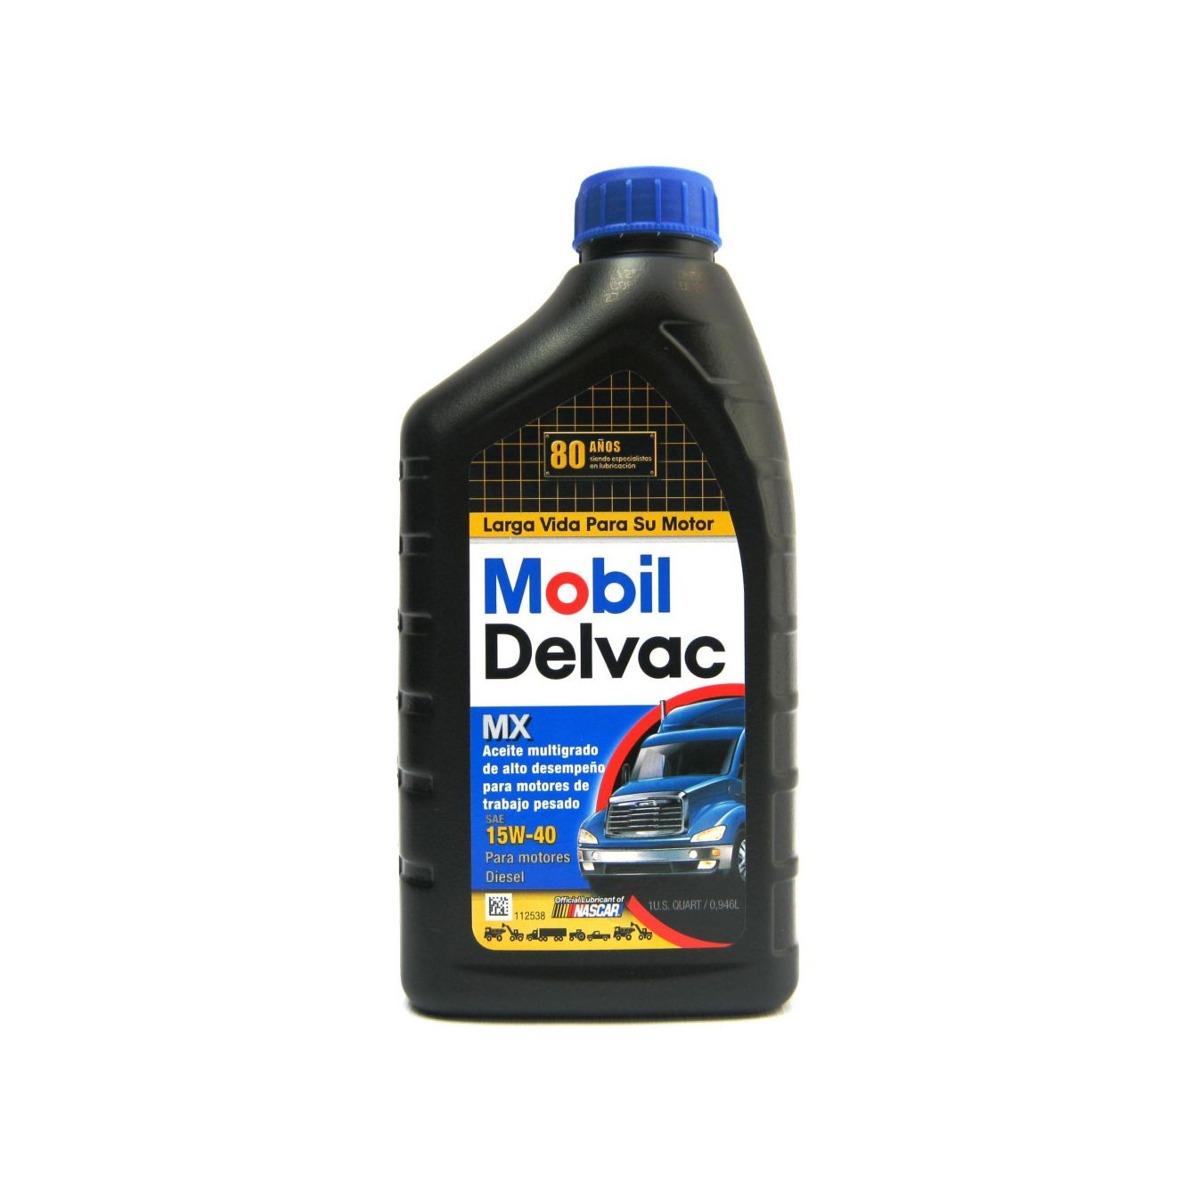 Mobil Delvac 15w40 >> Mobil Aceite Delvac Mx 15w40 Cuarto - $ 41.000 en Mercado Libre